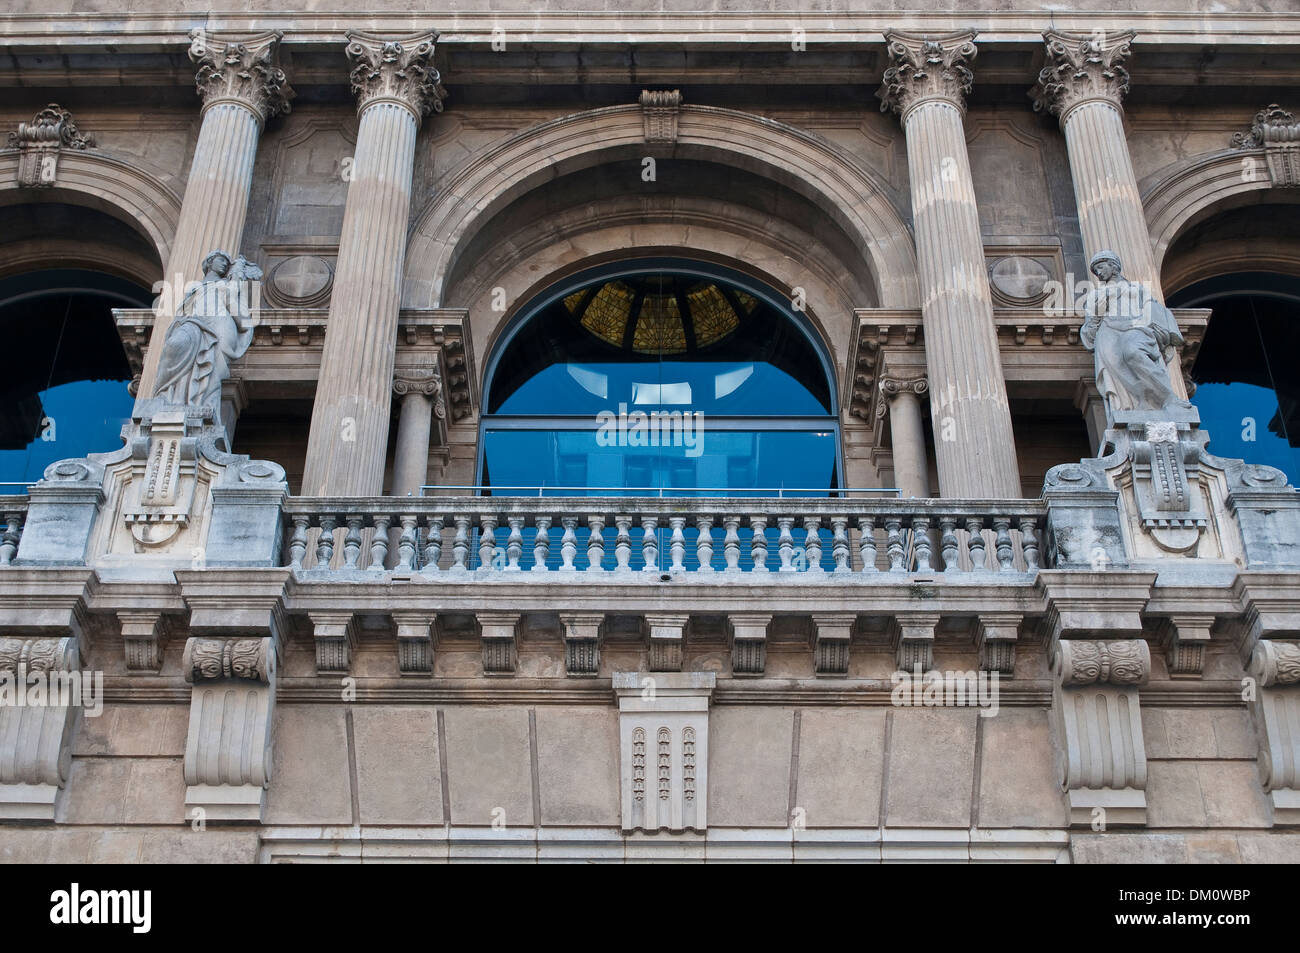 Musée national d'Art de Catalogne, MNAC, Barcelone, Catalogne, Espagne Photo Stock